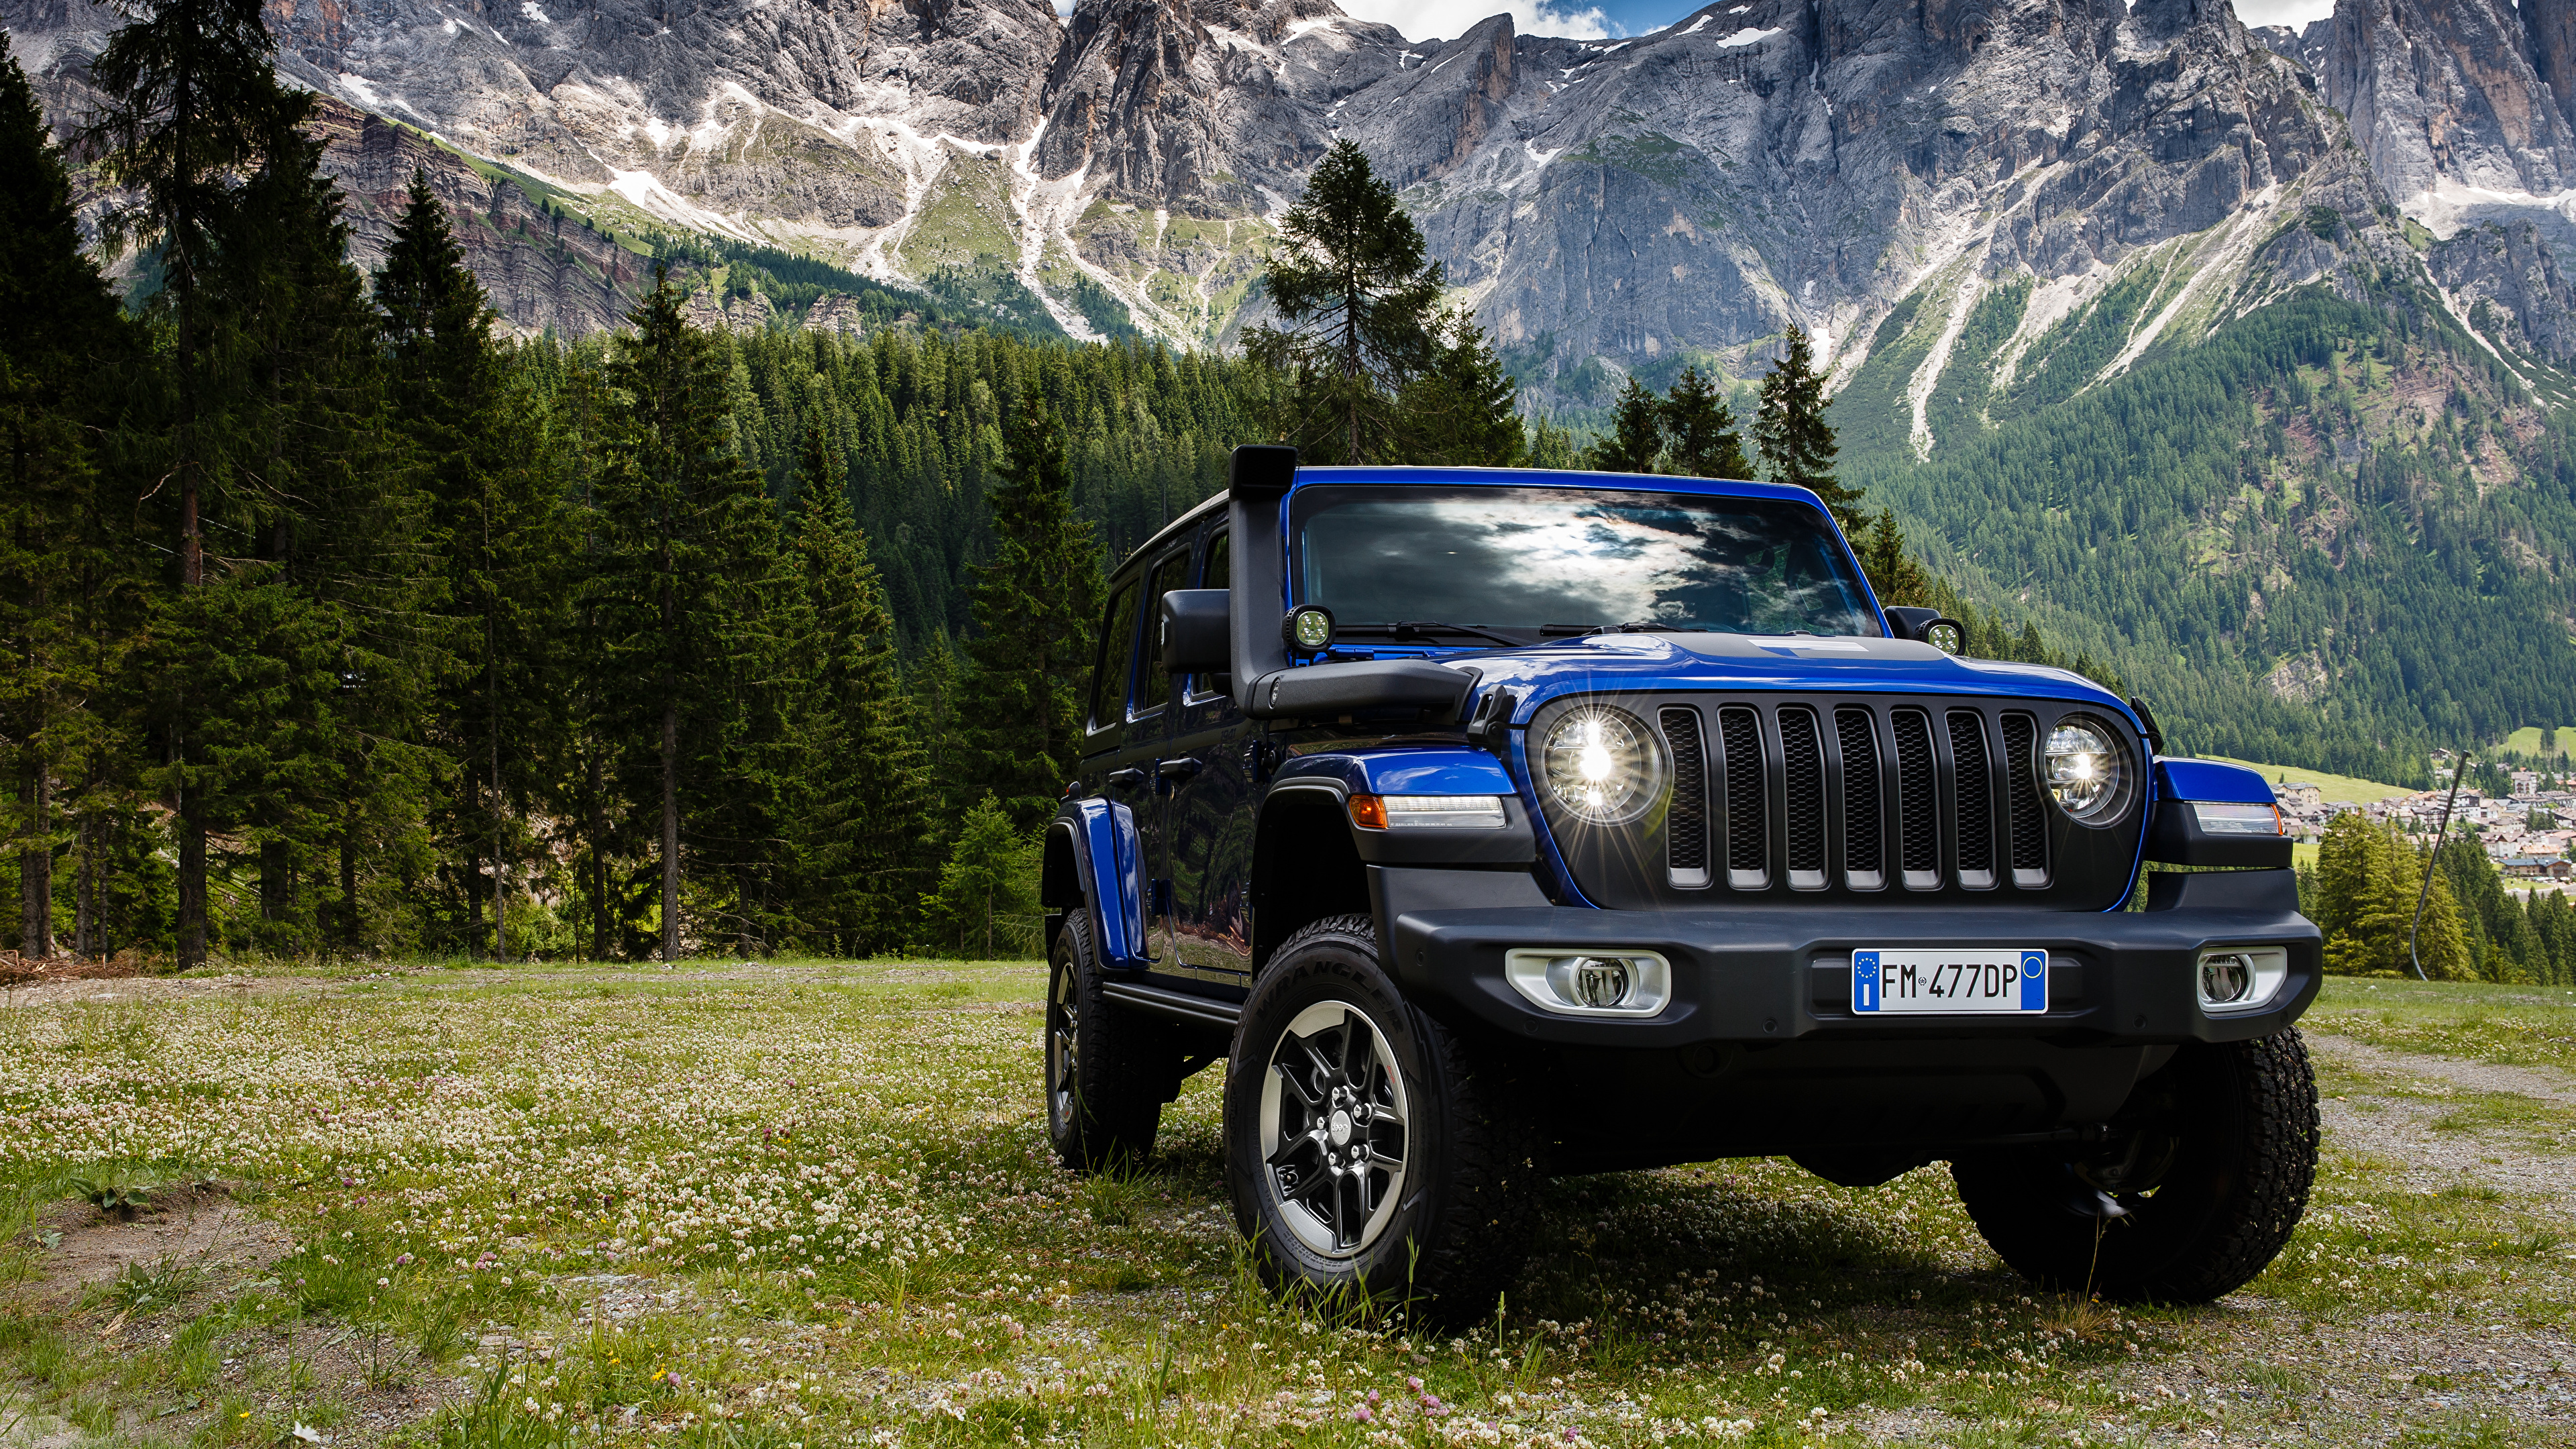 Обои для рабочего стола Jeep SUV 2019 Wrangler Unlimited Sahara 1941 by Mopar синих Автомобили 3840x2160 Джип Внедорожник синяя синие Синий авто машины машина автомобиль